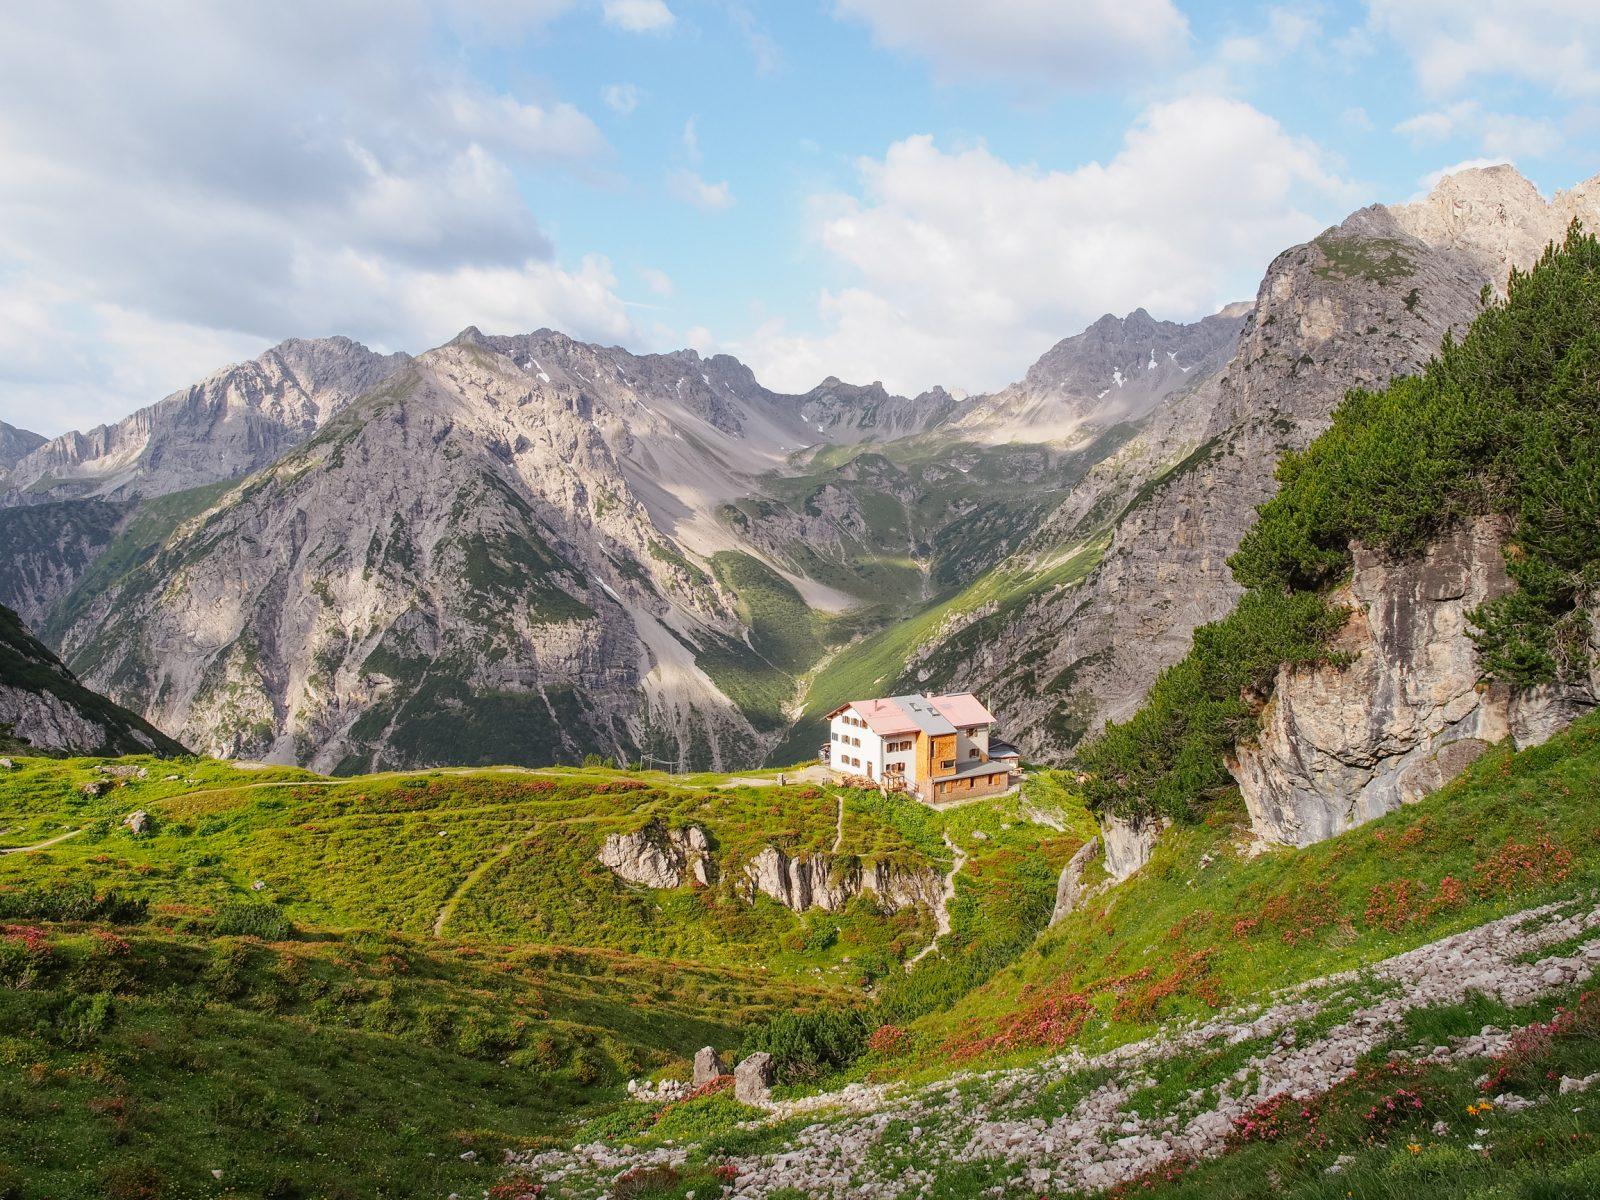 Die Steinseehütte in der Ferienregion Tirol West. Foto: Simon Schöpf | Climbers Paradise